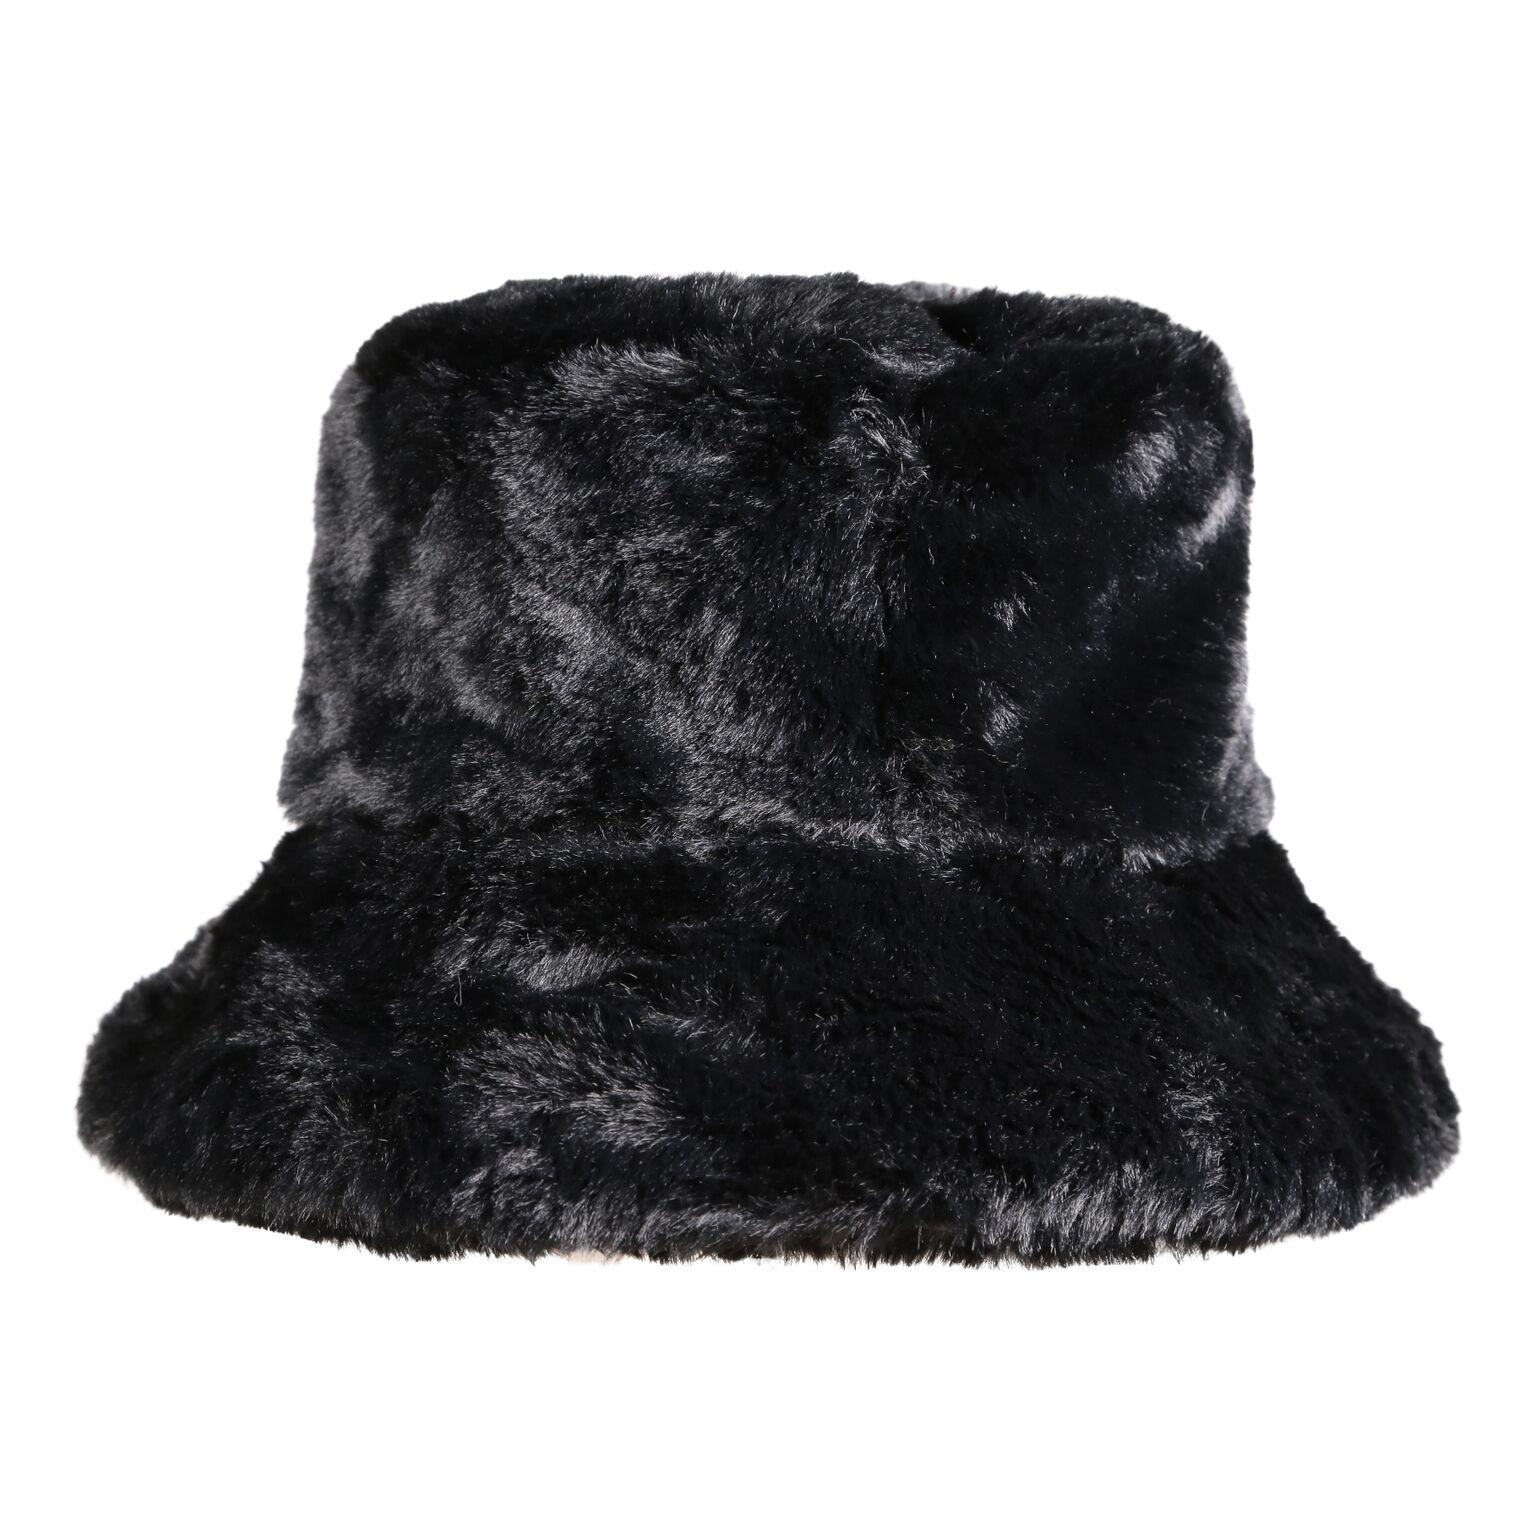 4d948723b2c Faux Fur Bucket Hat in Black — My Accessories London